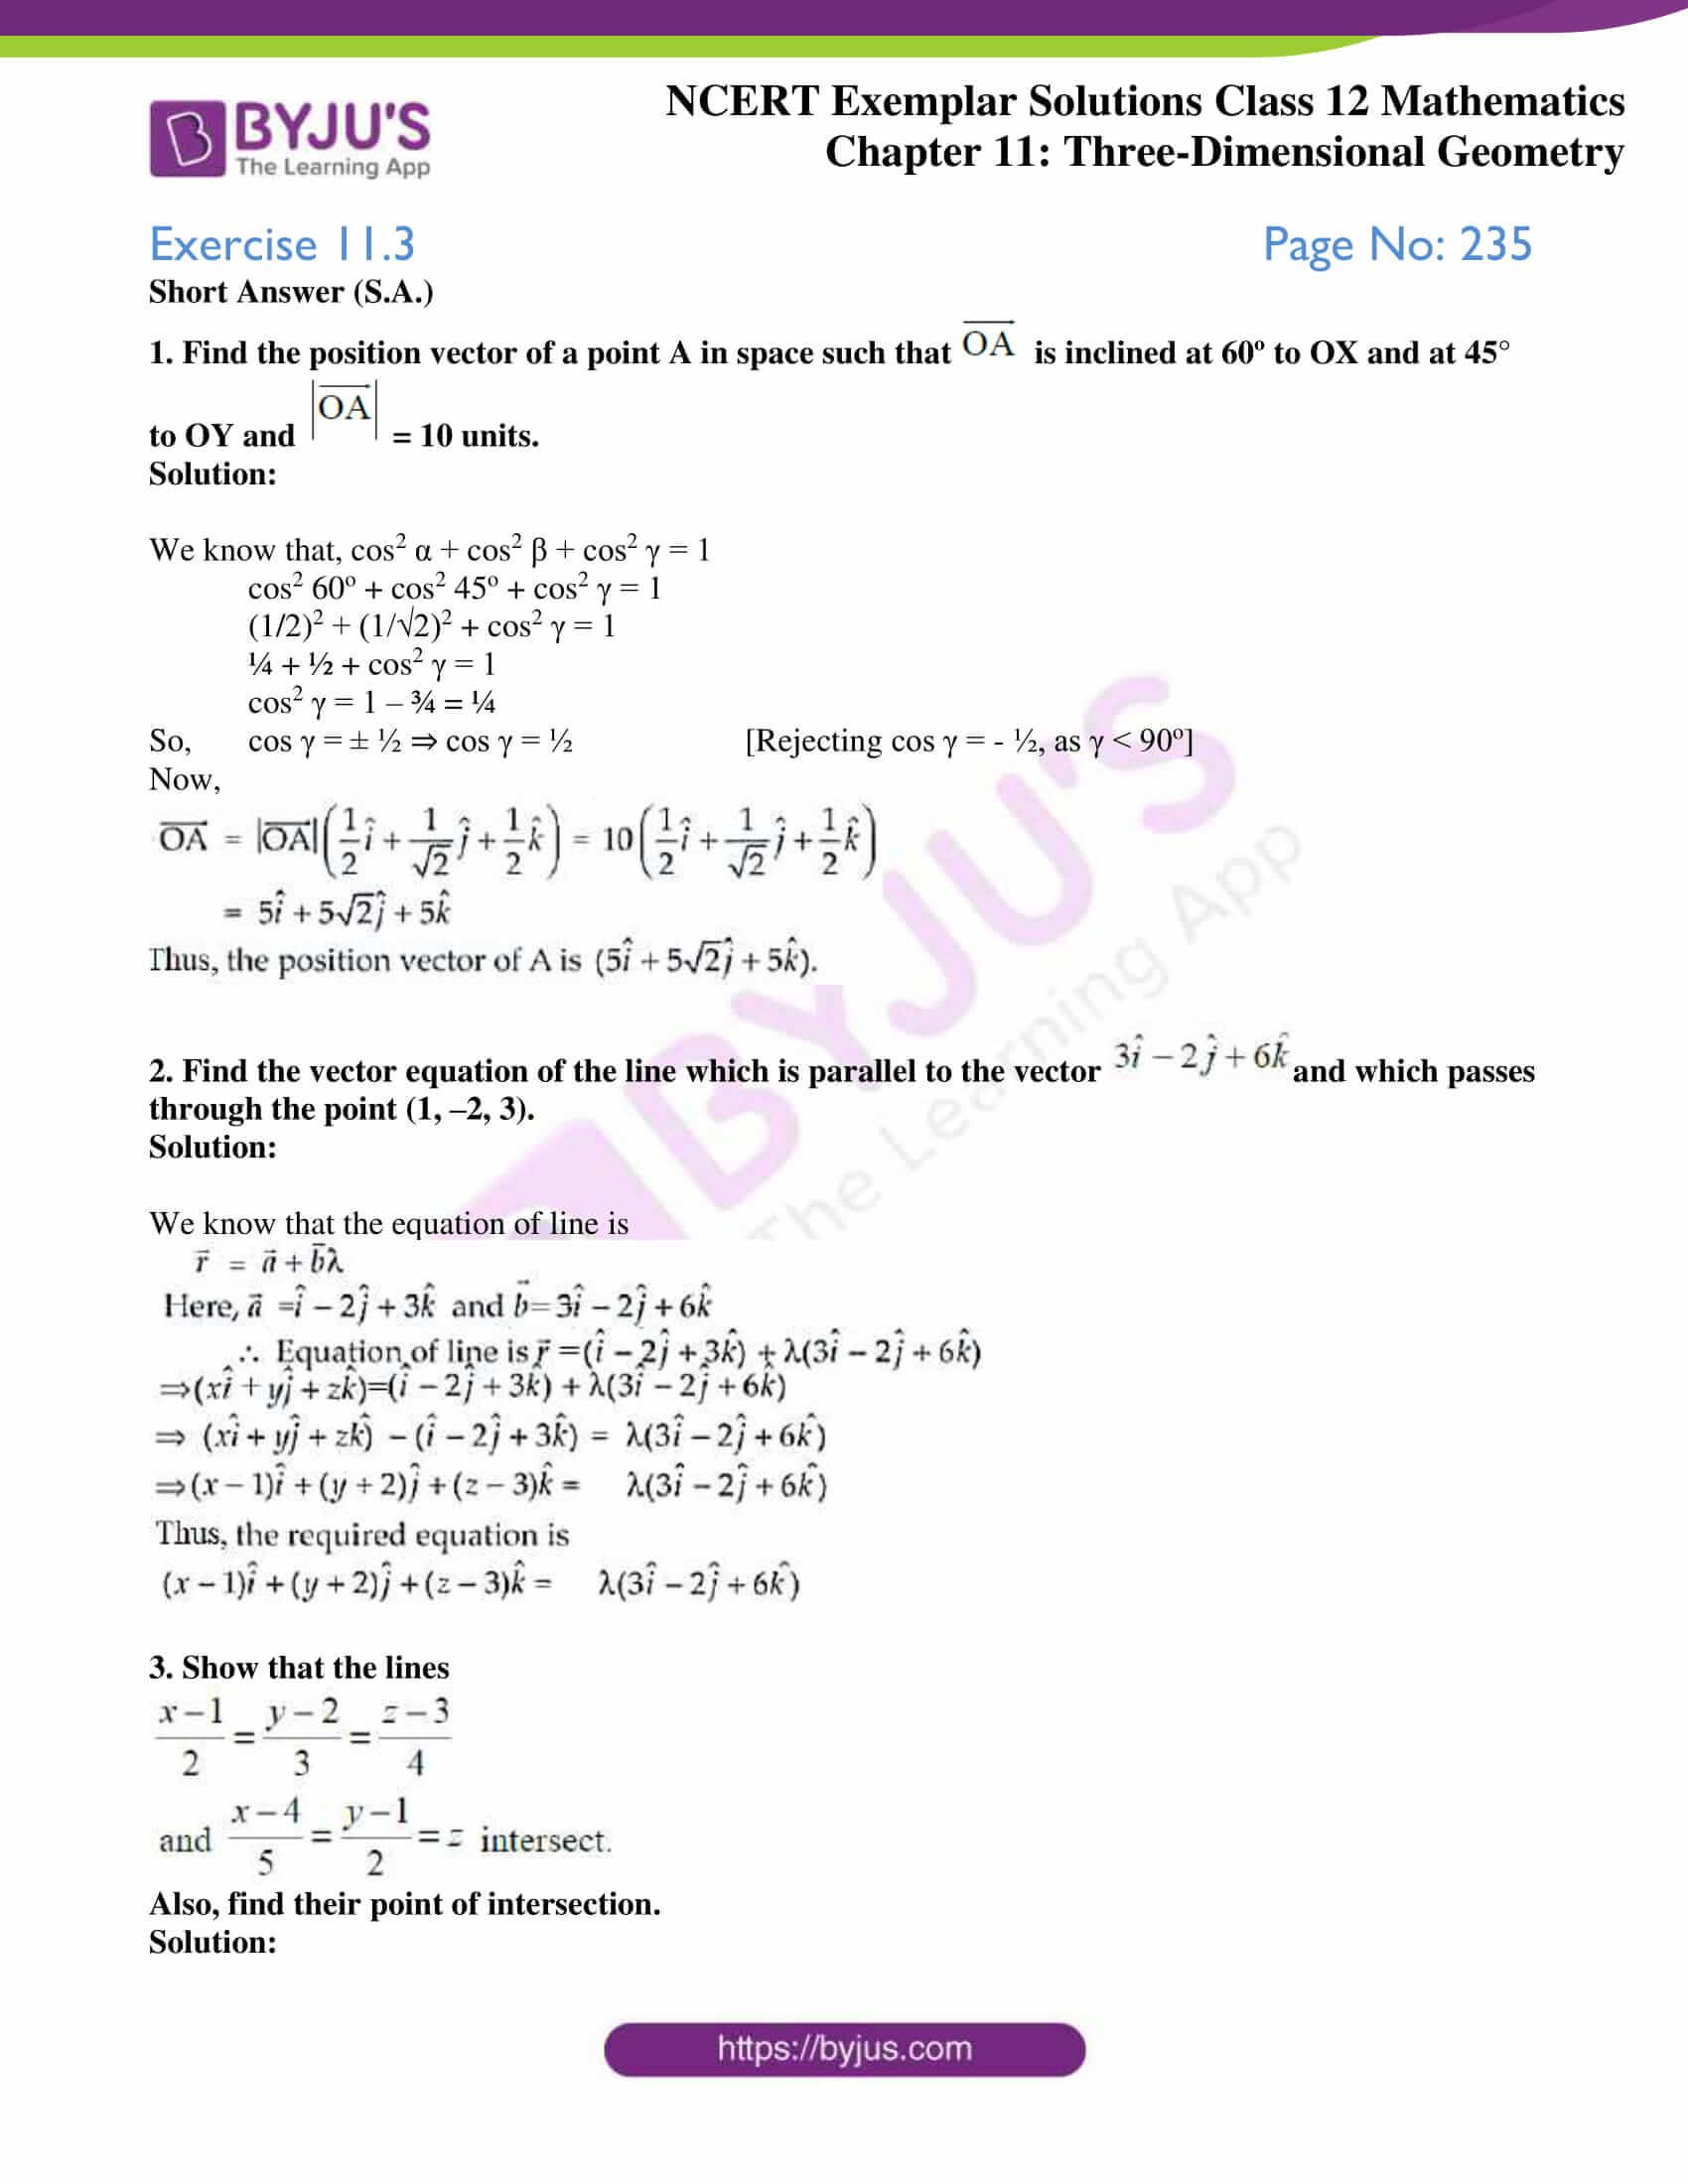 ncert exemplar sol class 12 mathematics ch 11 01